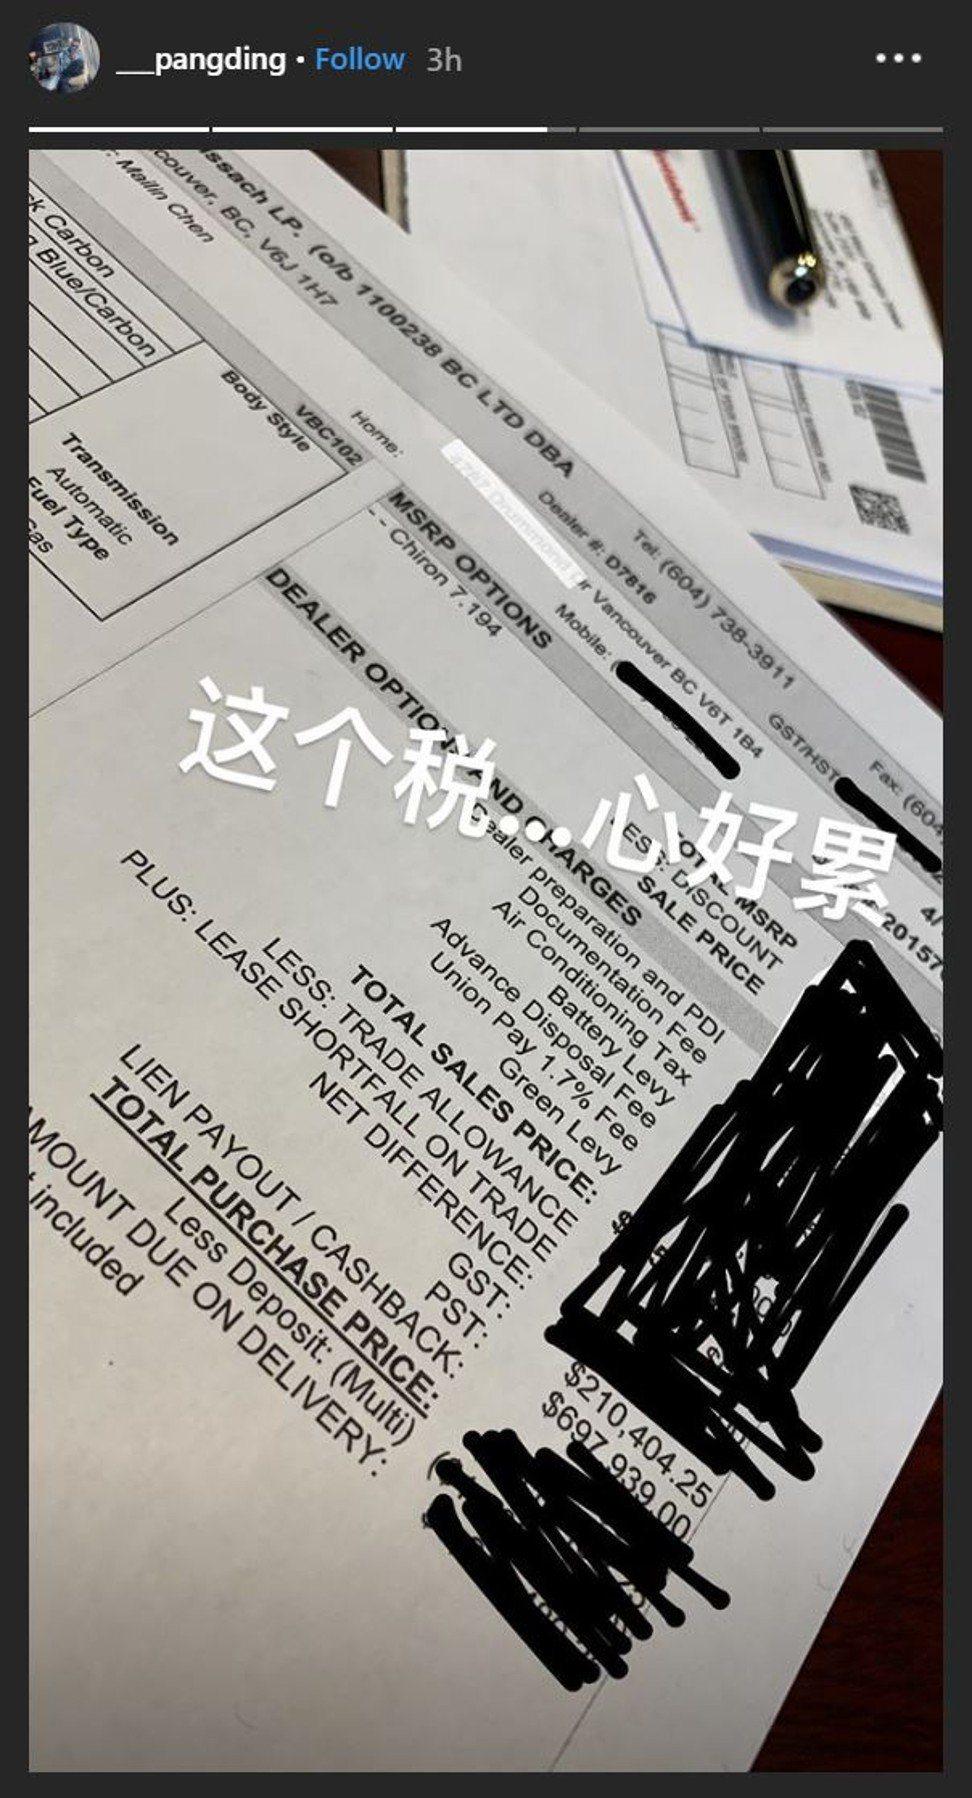 中國大陸房地產富商陳脈林的兒子陳鼎(Ding Chen,音譯)在Instagra...